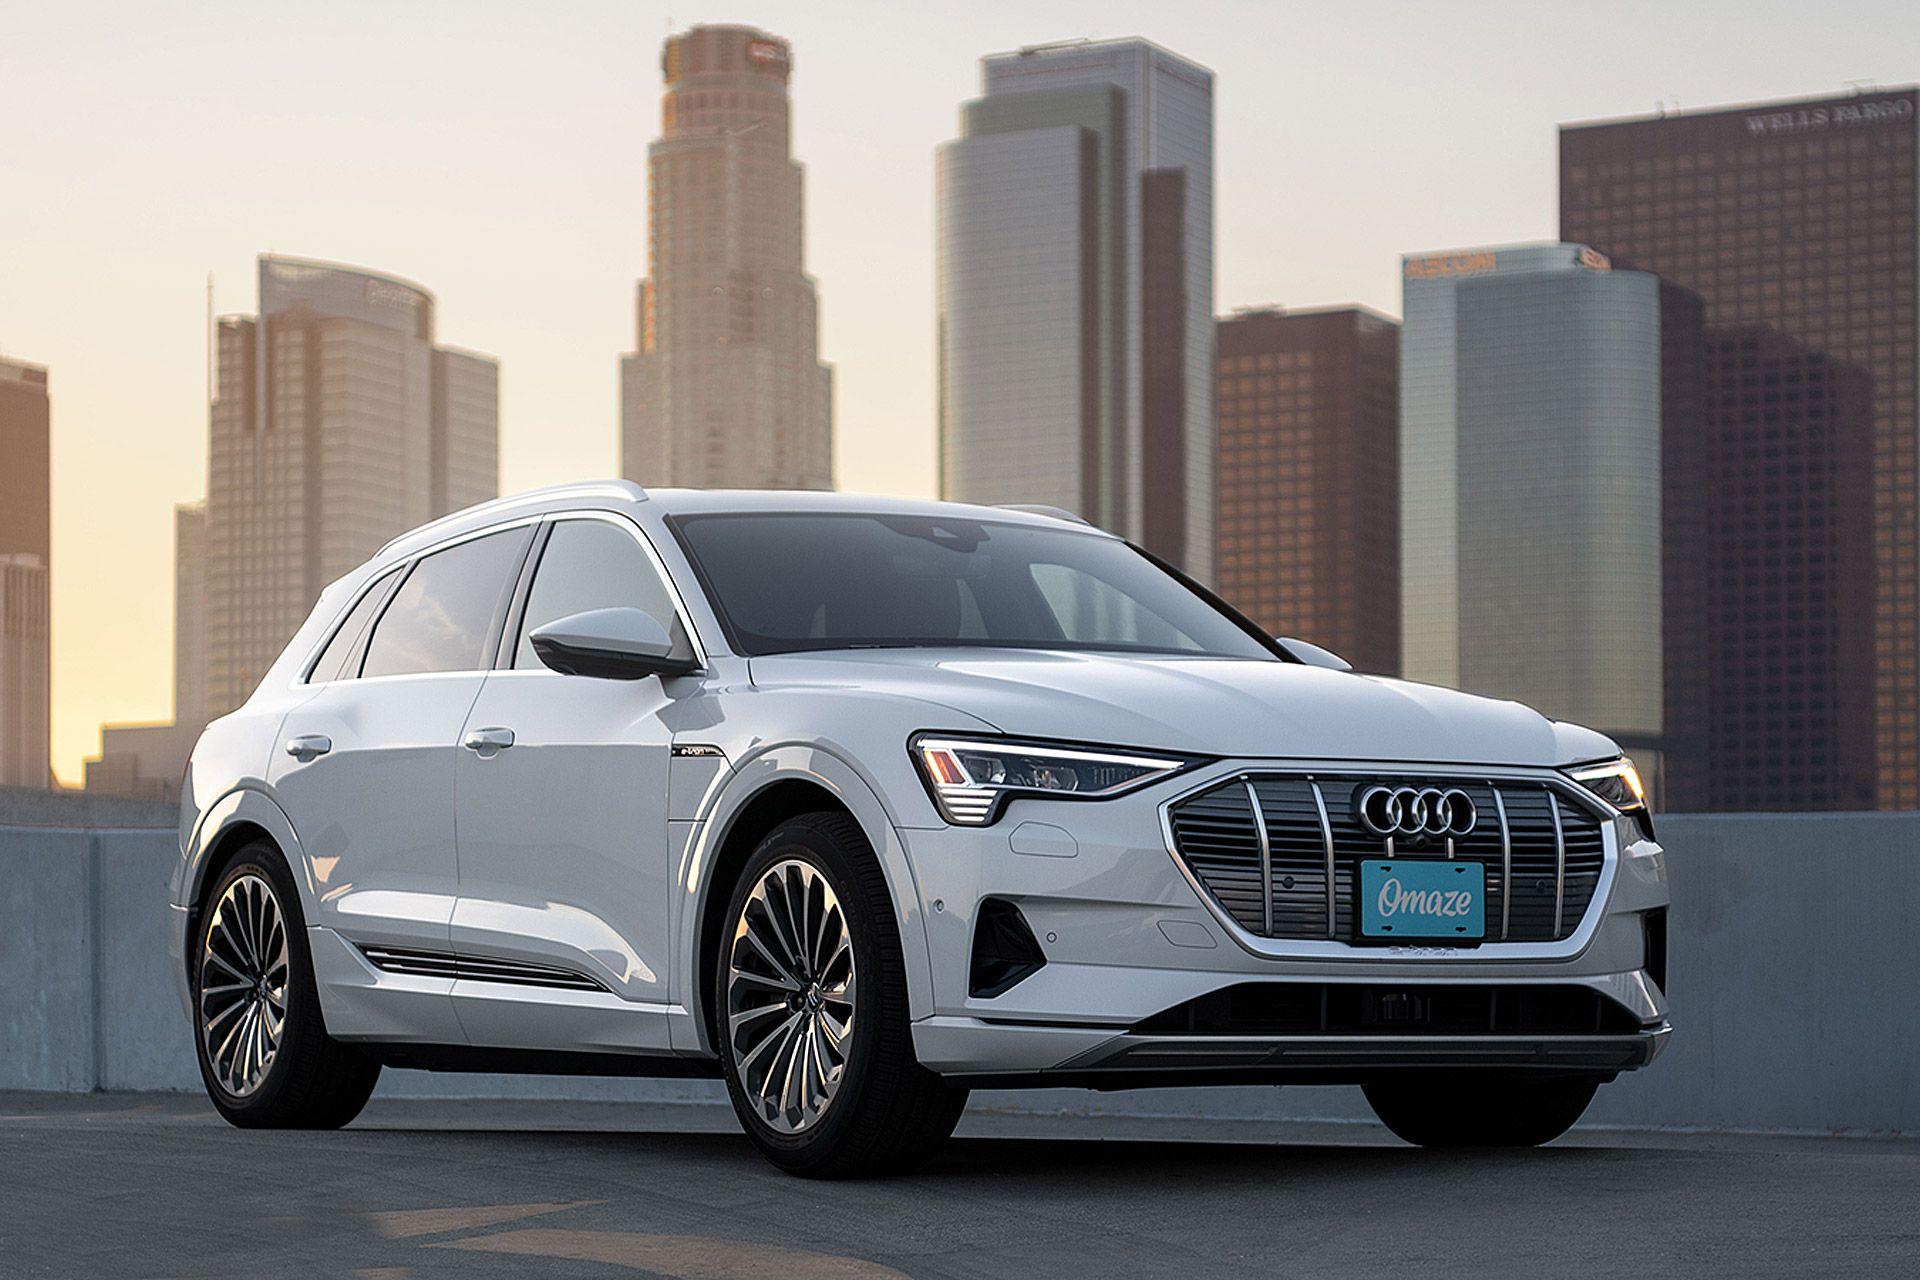 2020 Audi E Tron Prestige In 2020 Audi E Tron E Tron Audi